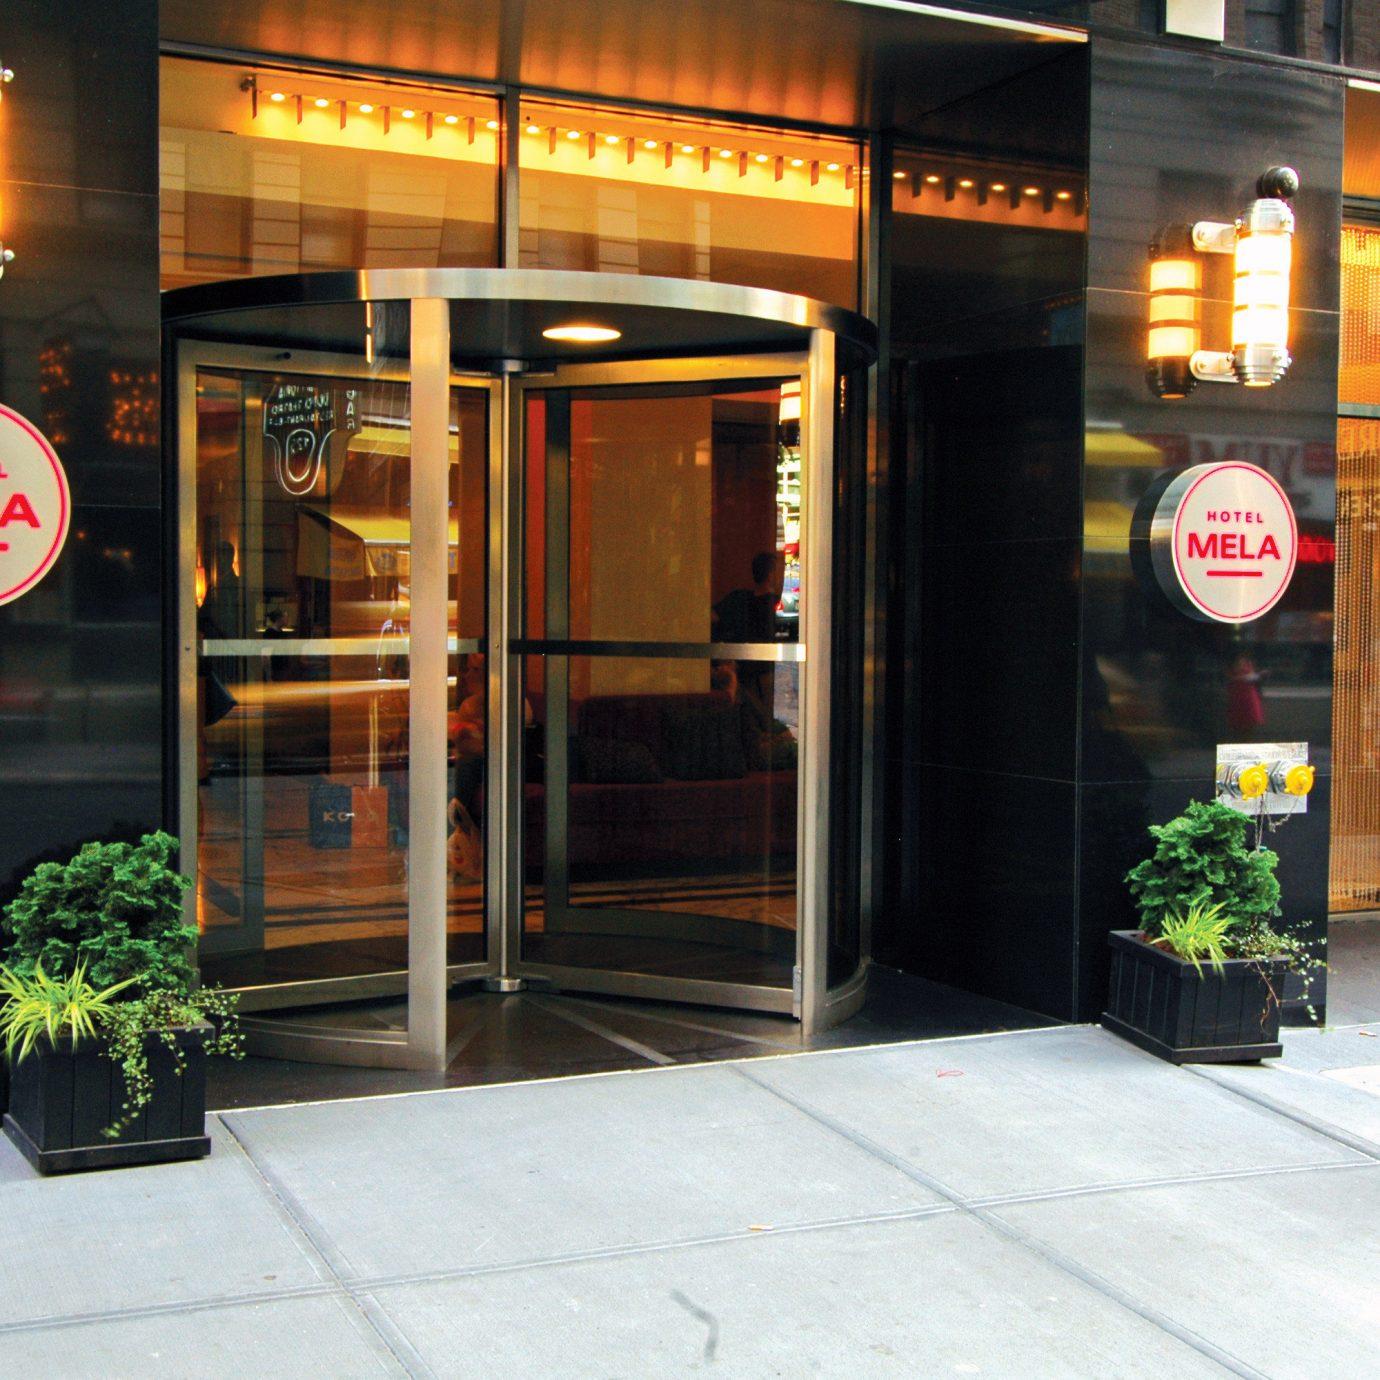 restaurant lighting street display window signage outdoor structure Bar door